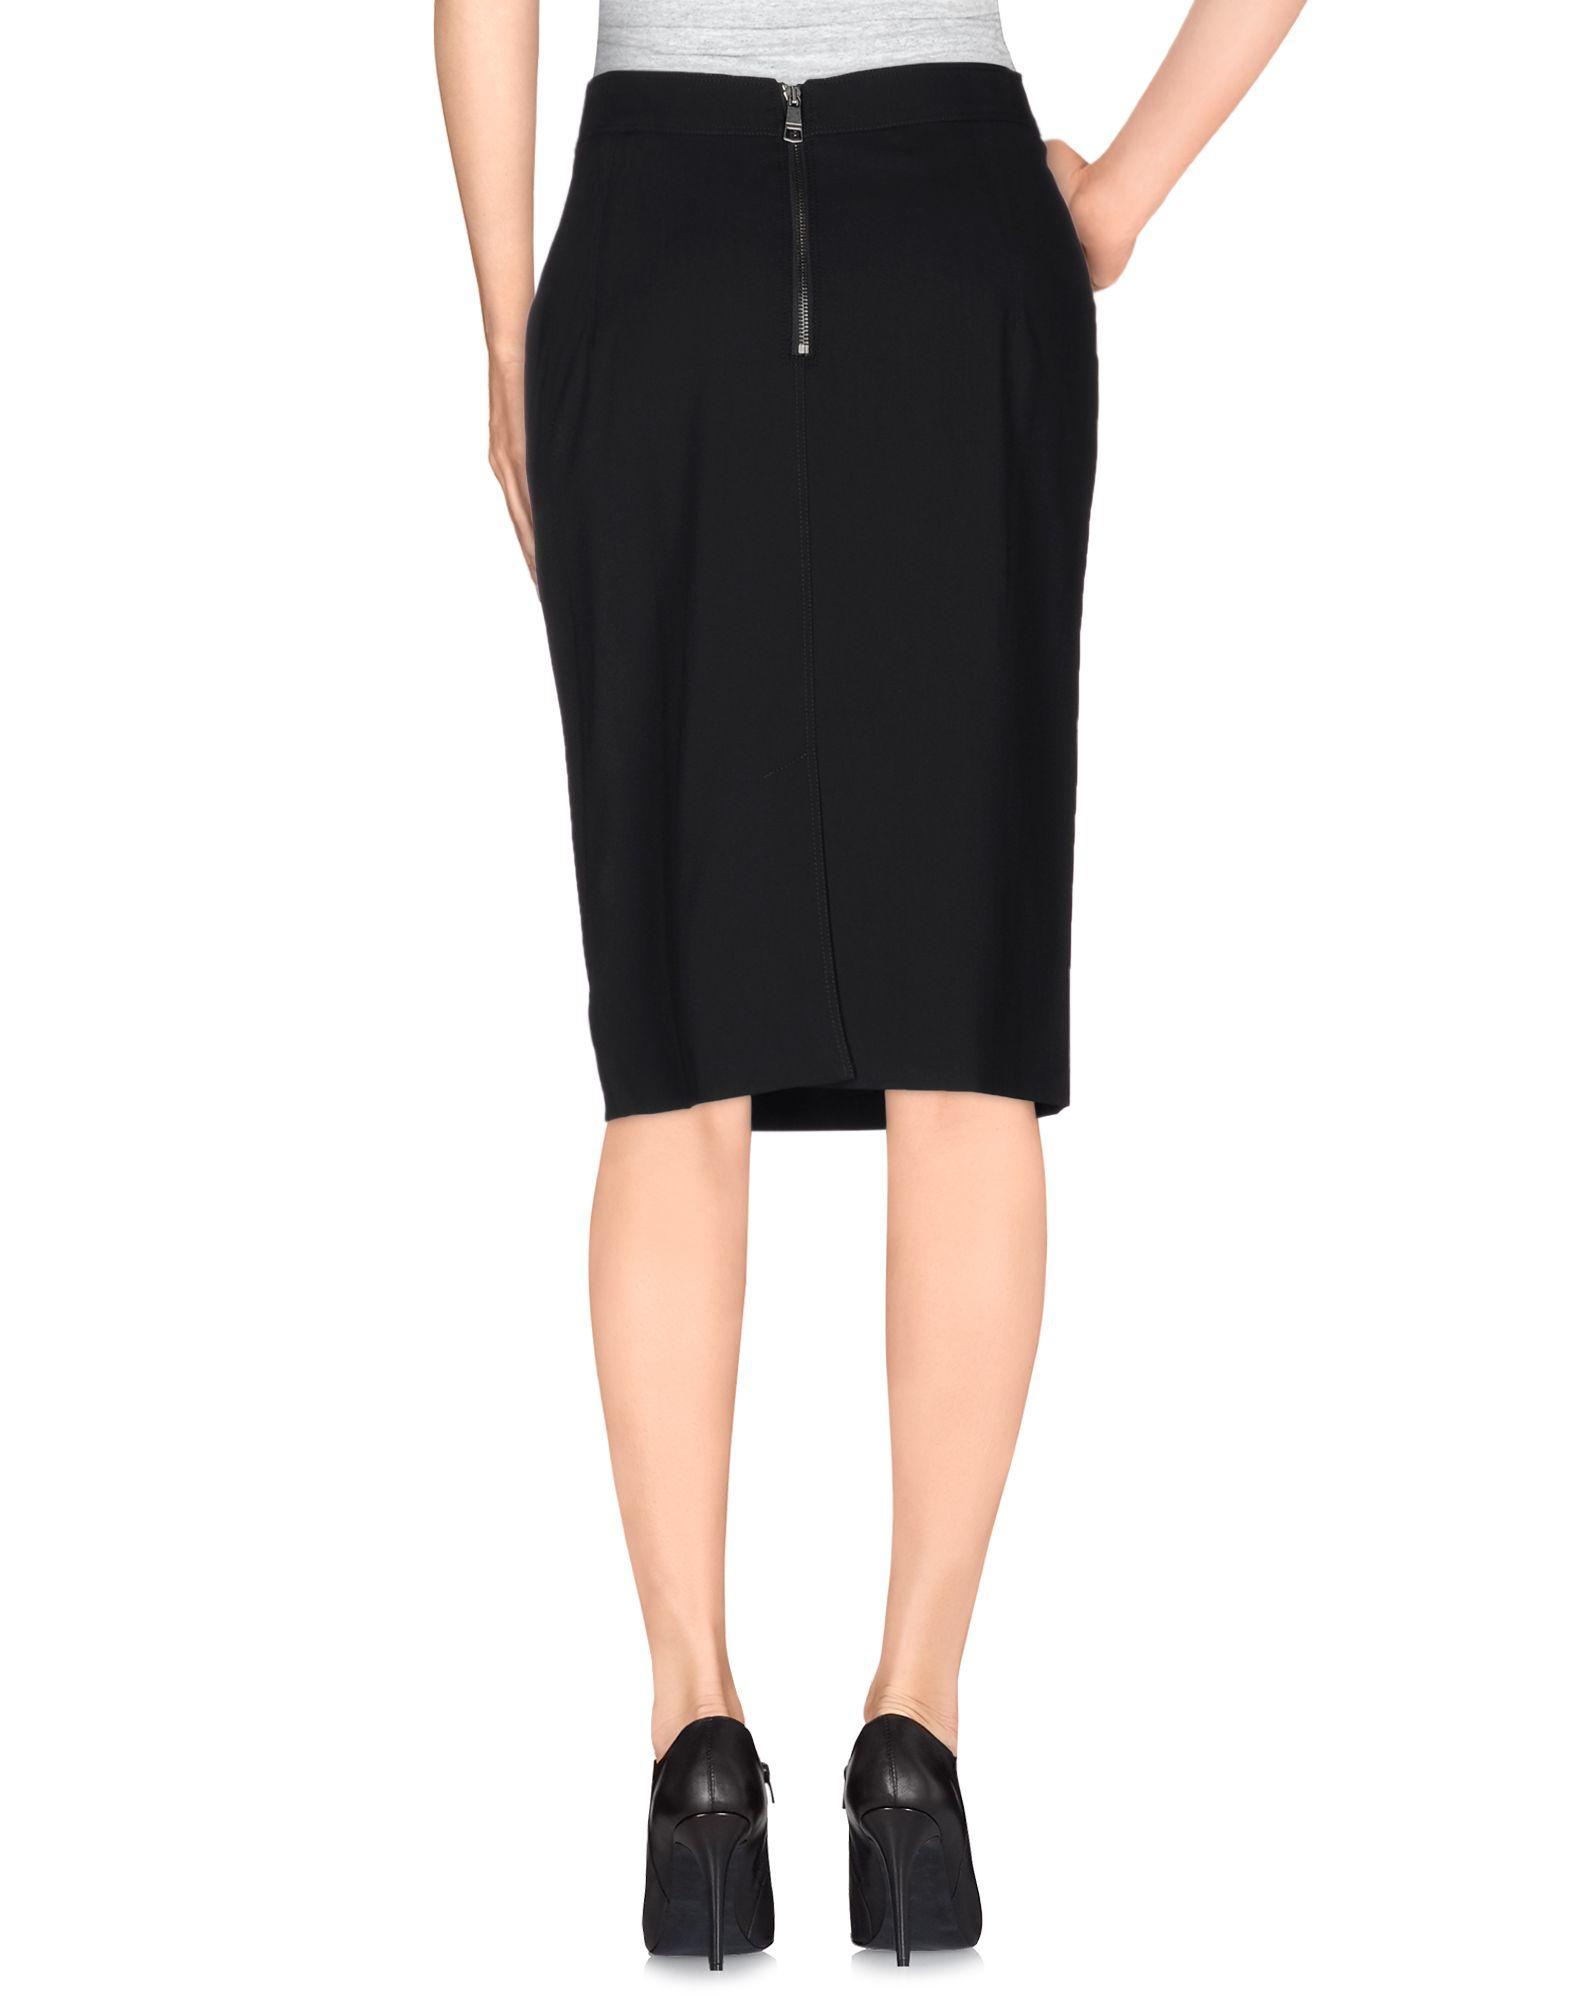 burberry knee length skirt in black lyst